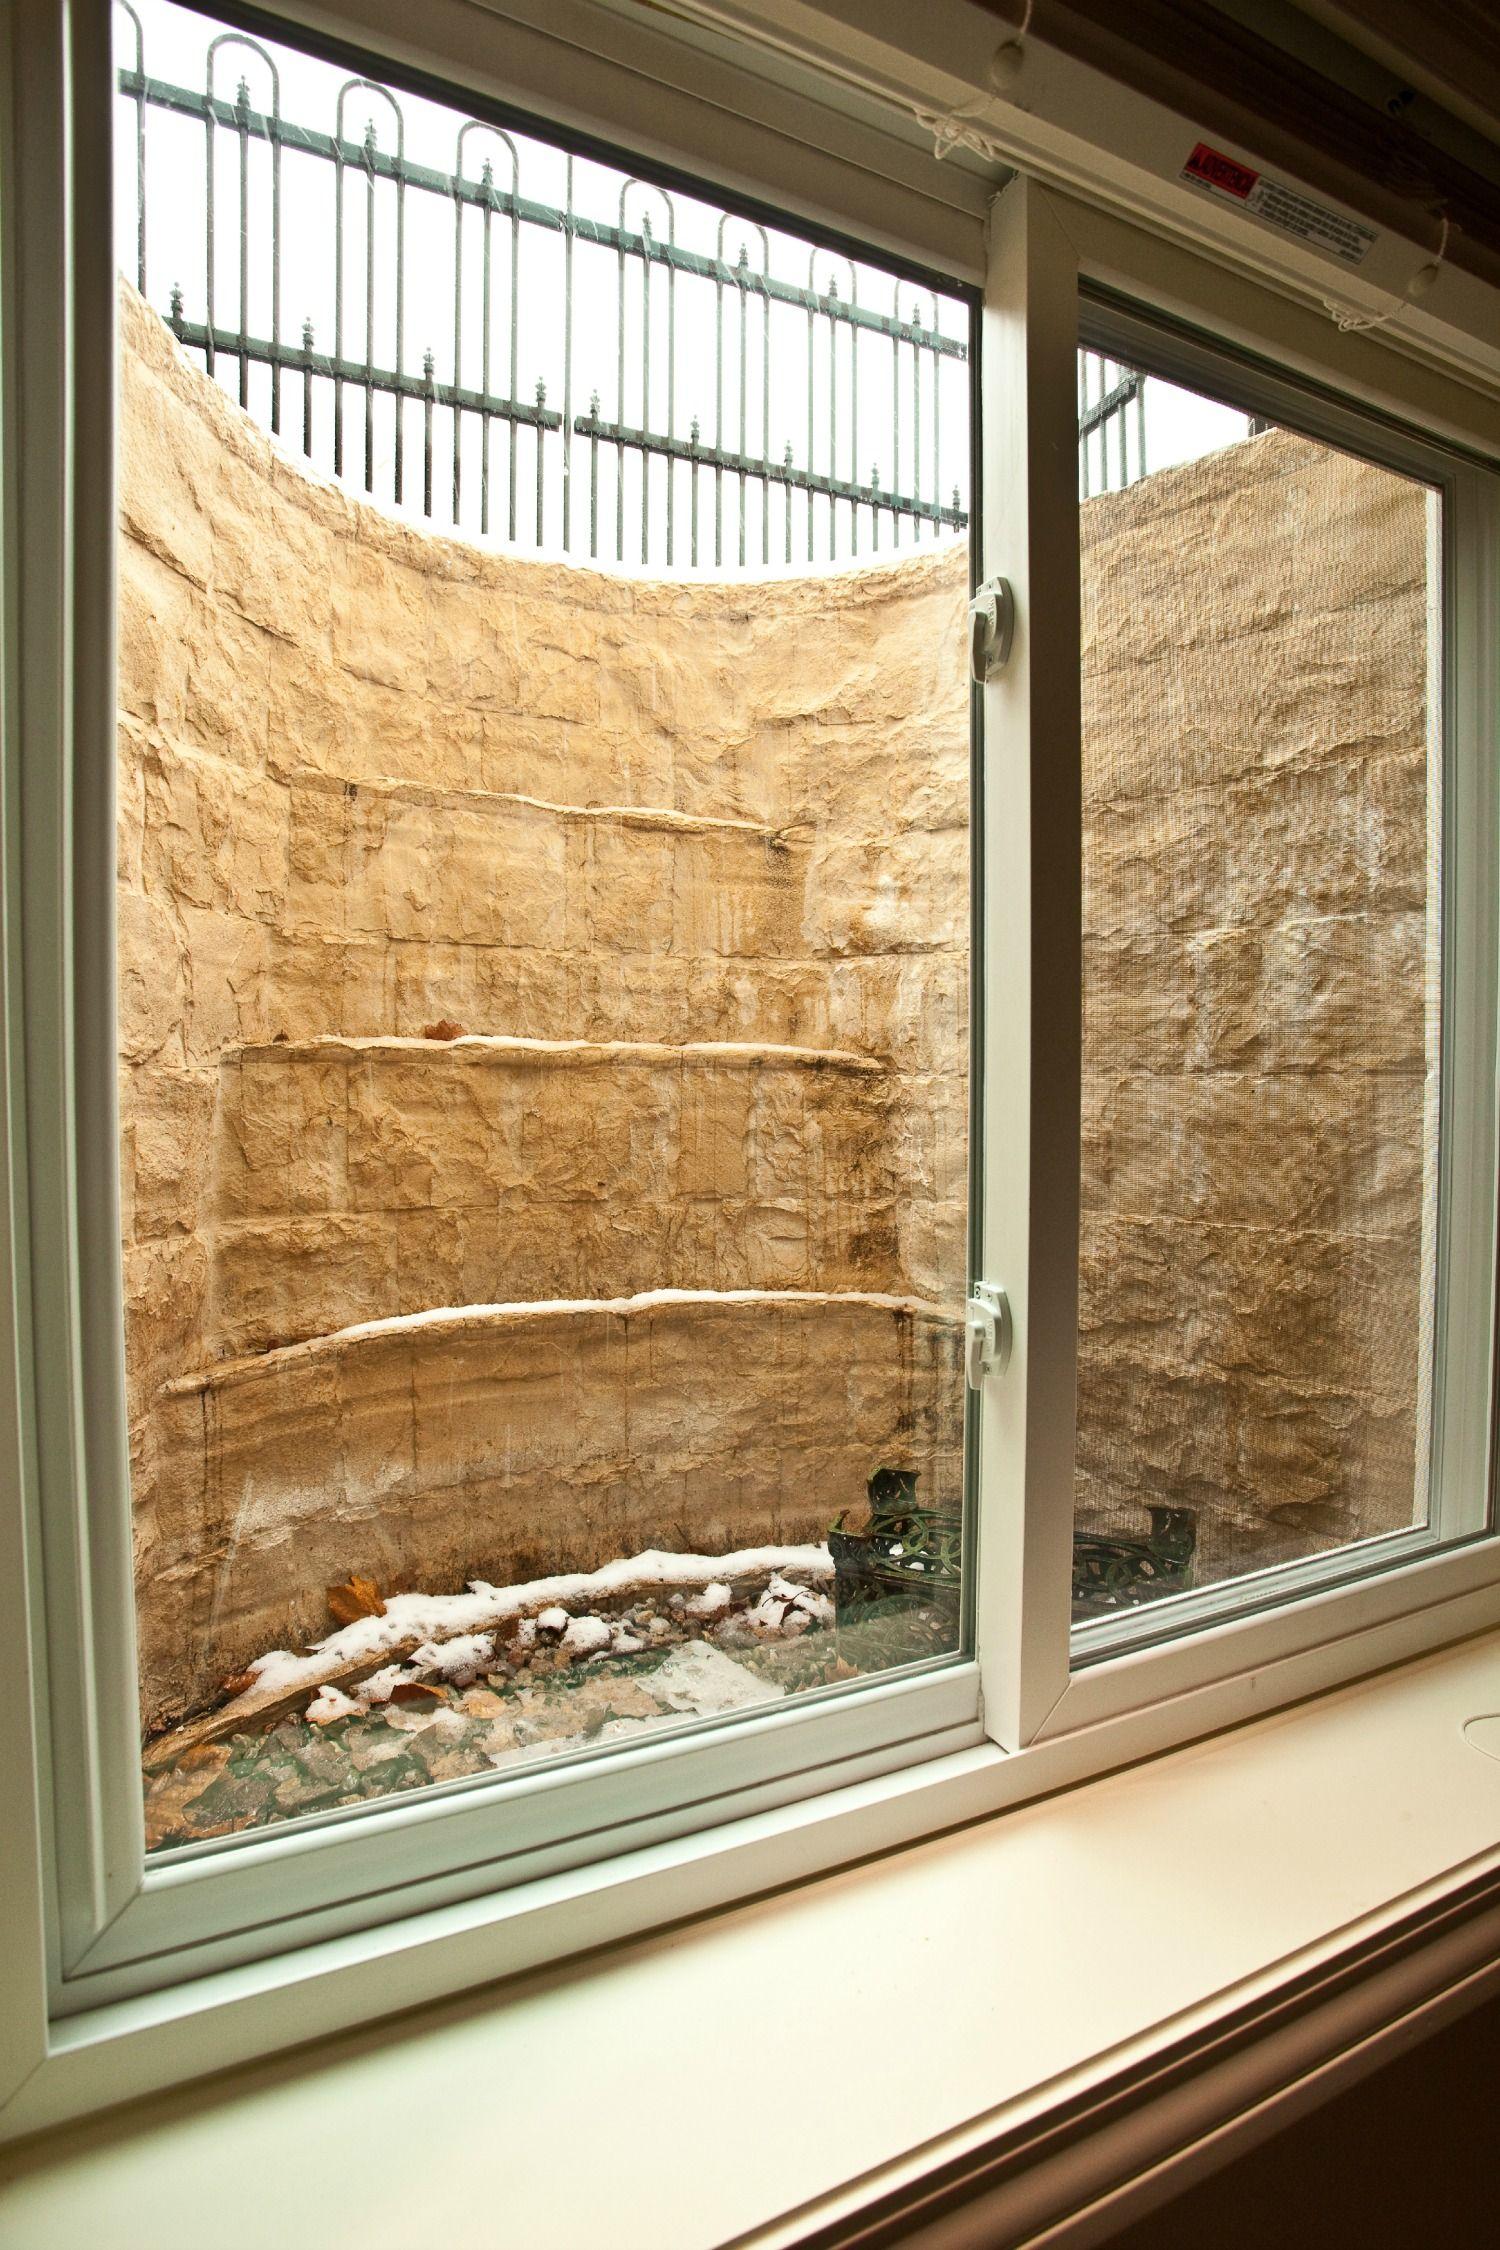 Basement cool egress window wells for basement decoration